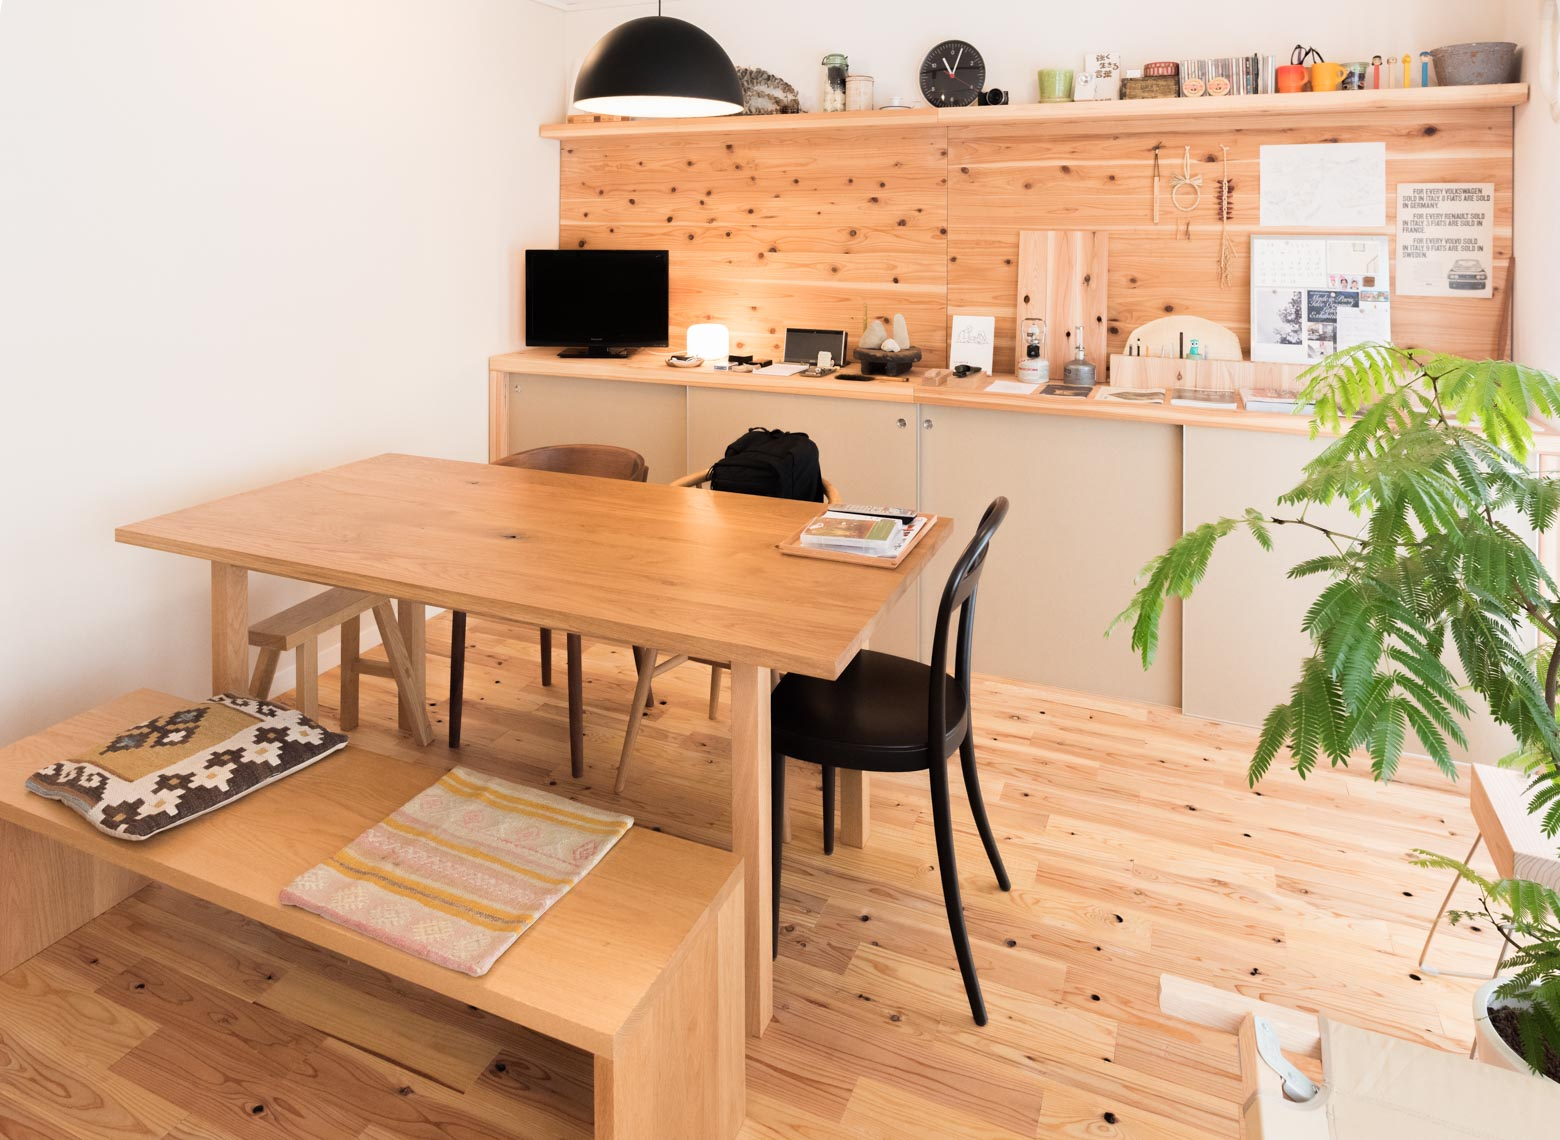 椅子が統一されていないので部屋に個性を出すことができるのも真似したいポイントでした。